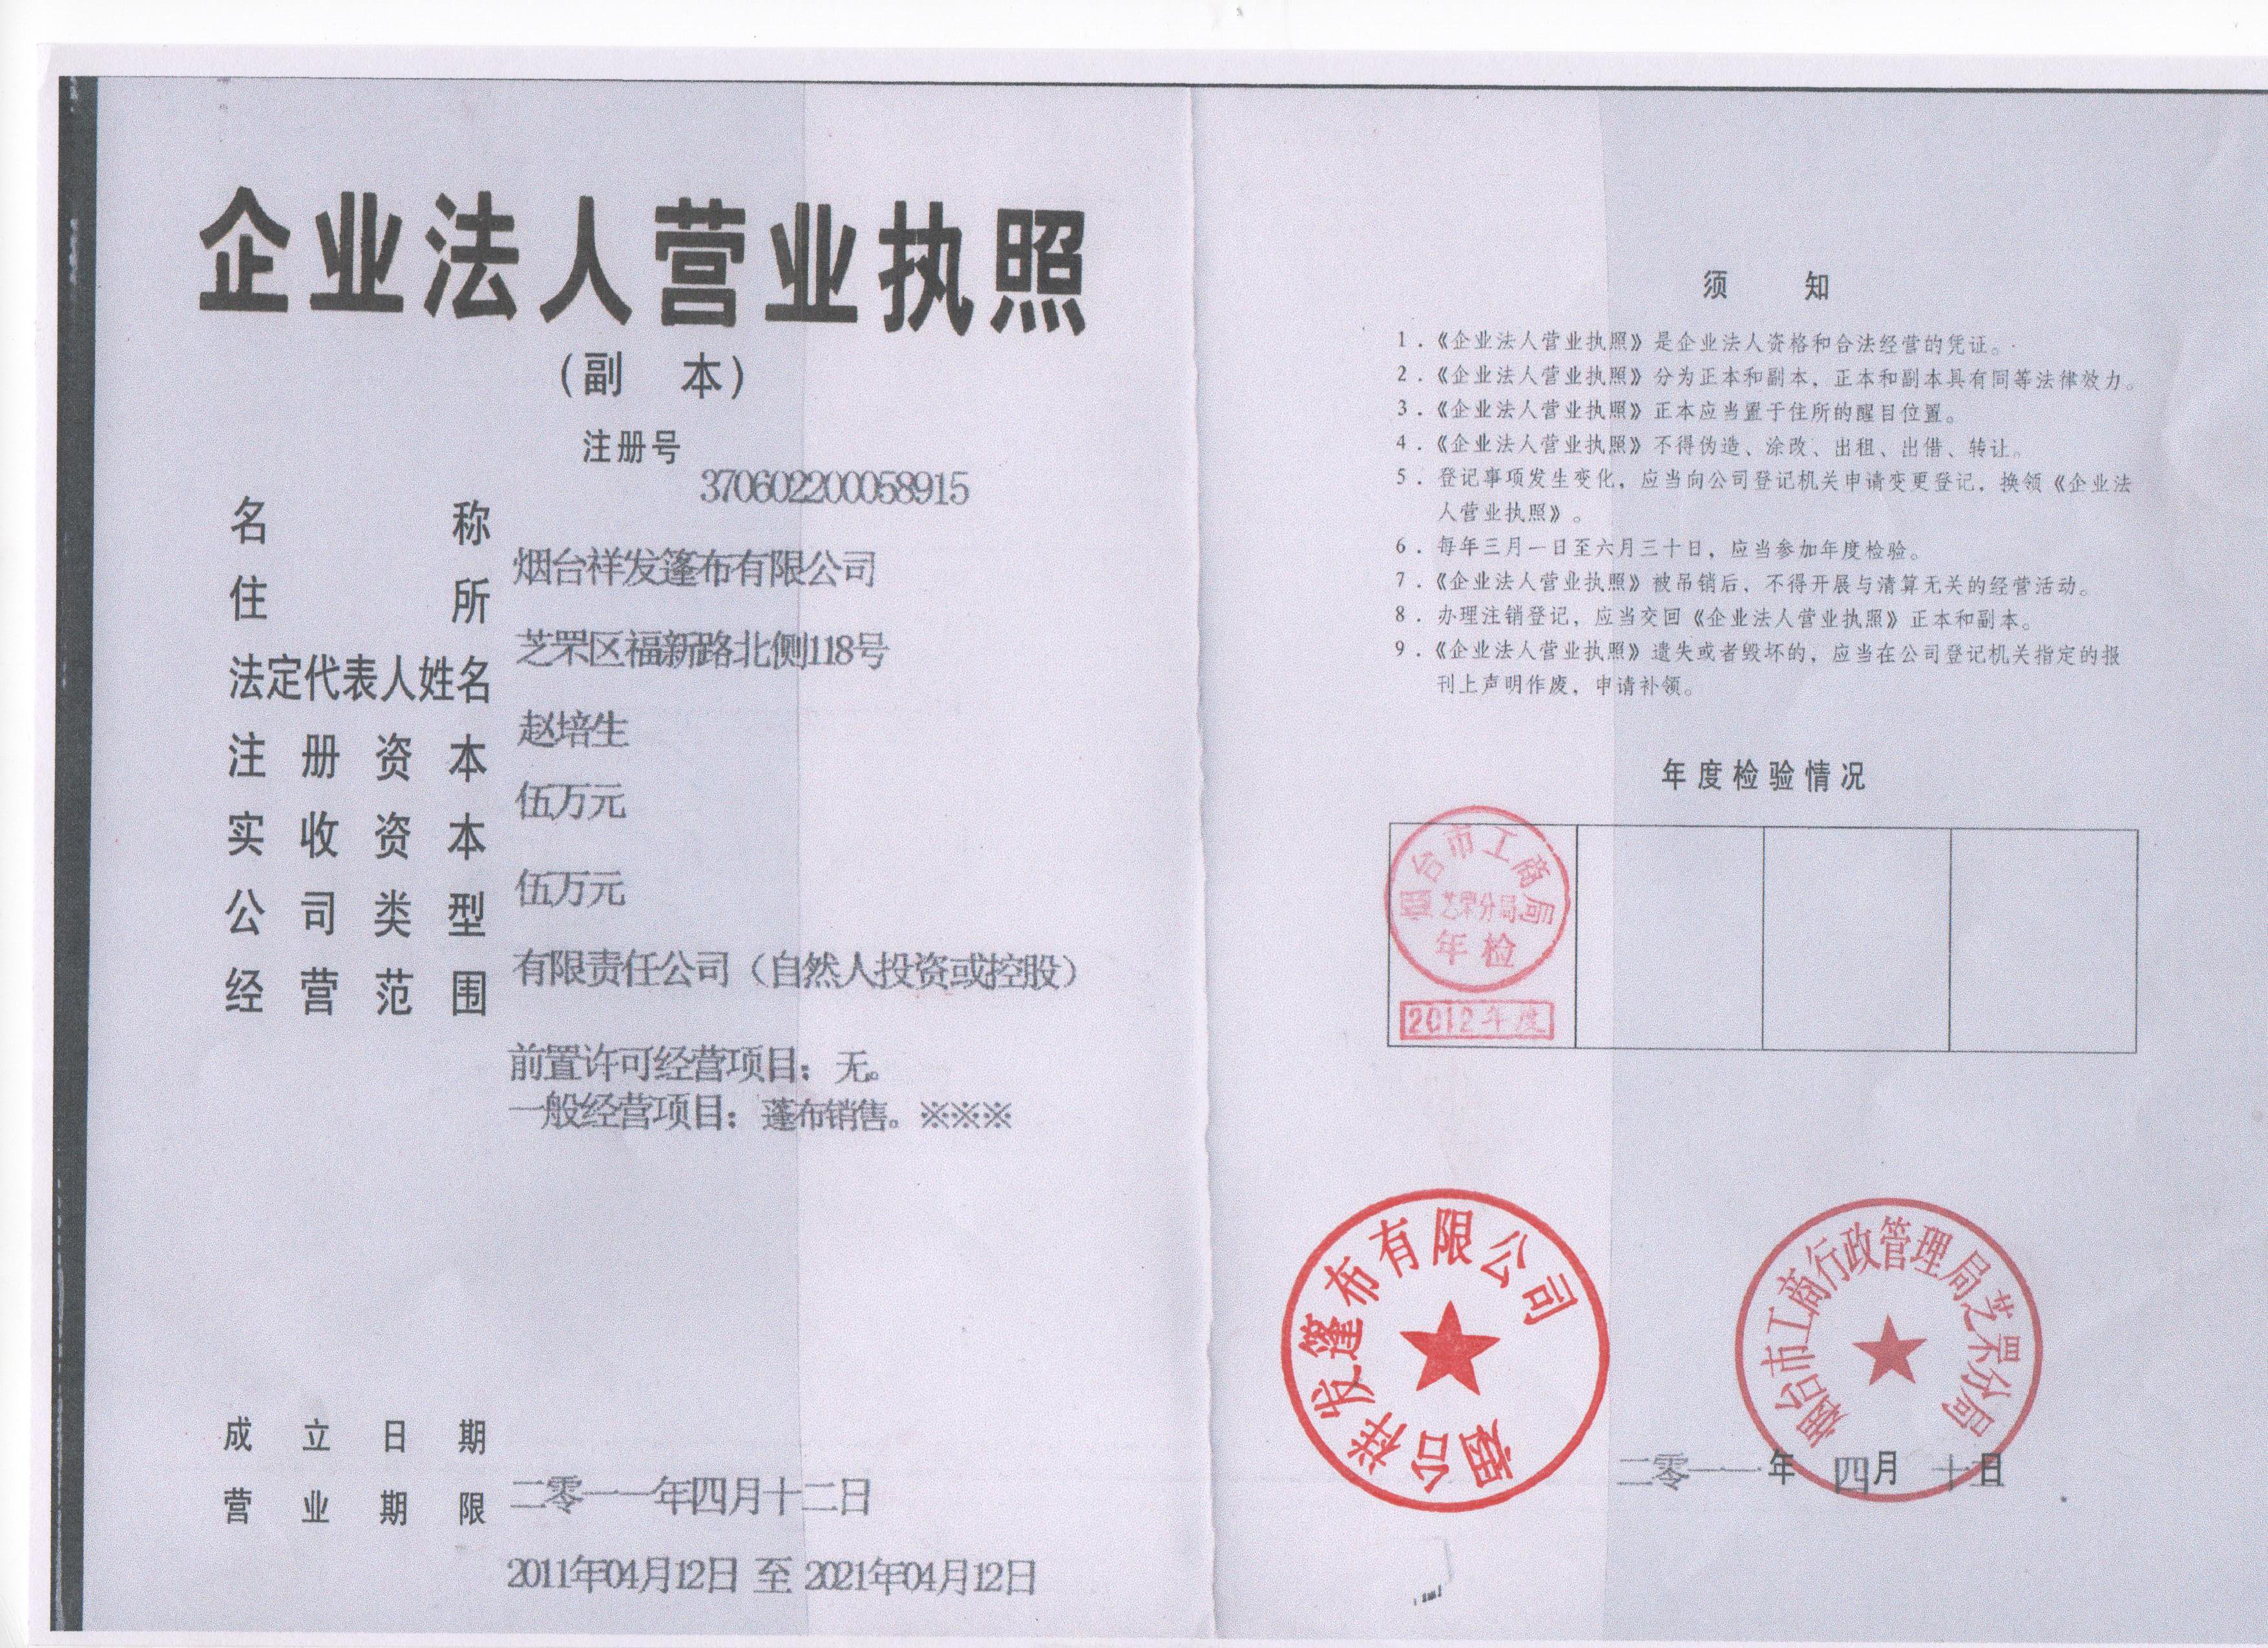 http://files.b2b.cn/skin/2016/0120/7b0a84904f4263d4e2b09da46431bebb.jpg图片